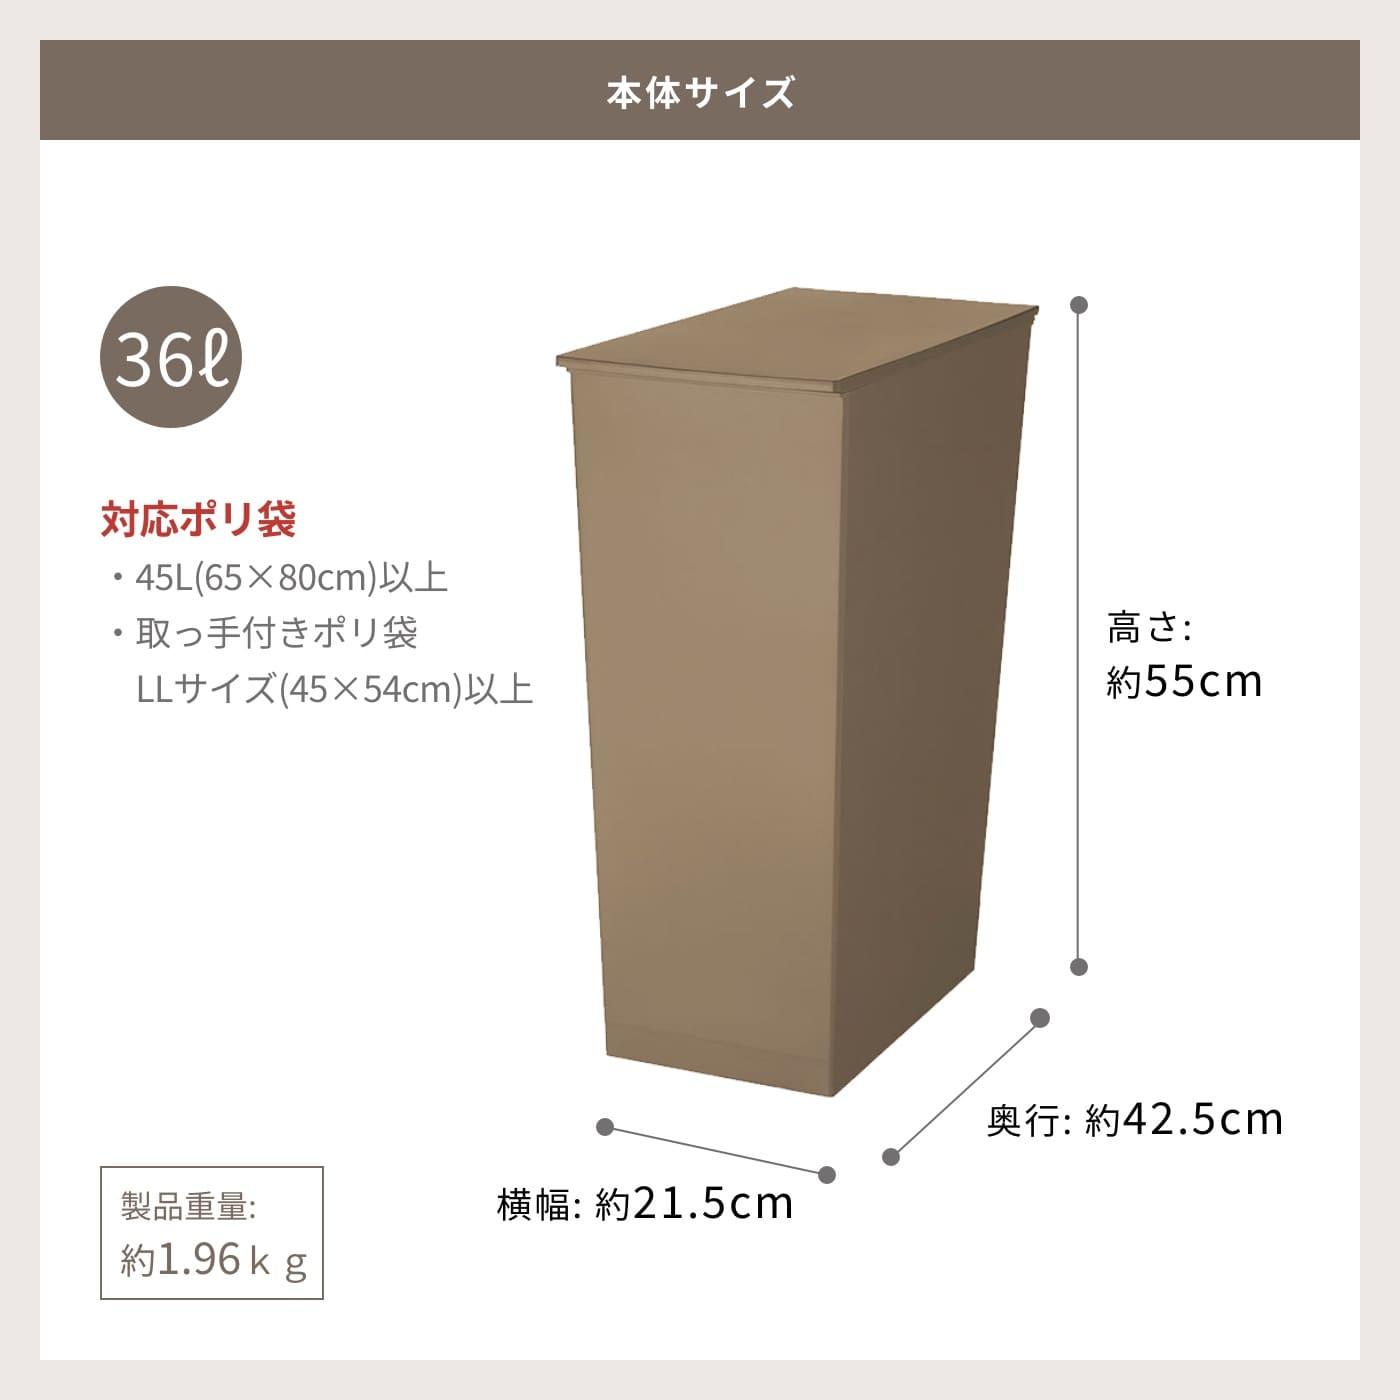 本体サイズ 36L 高さ約55cm 横幅約21.5cm 奥行約42.5cm